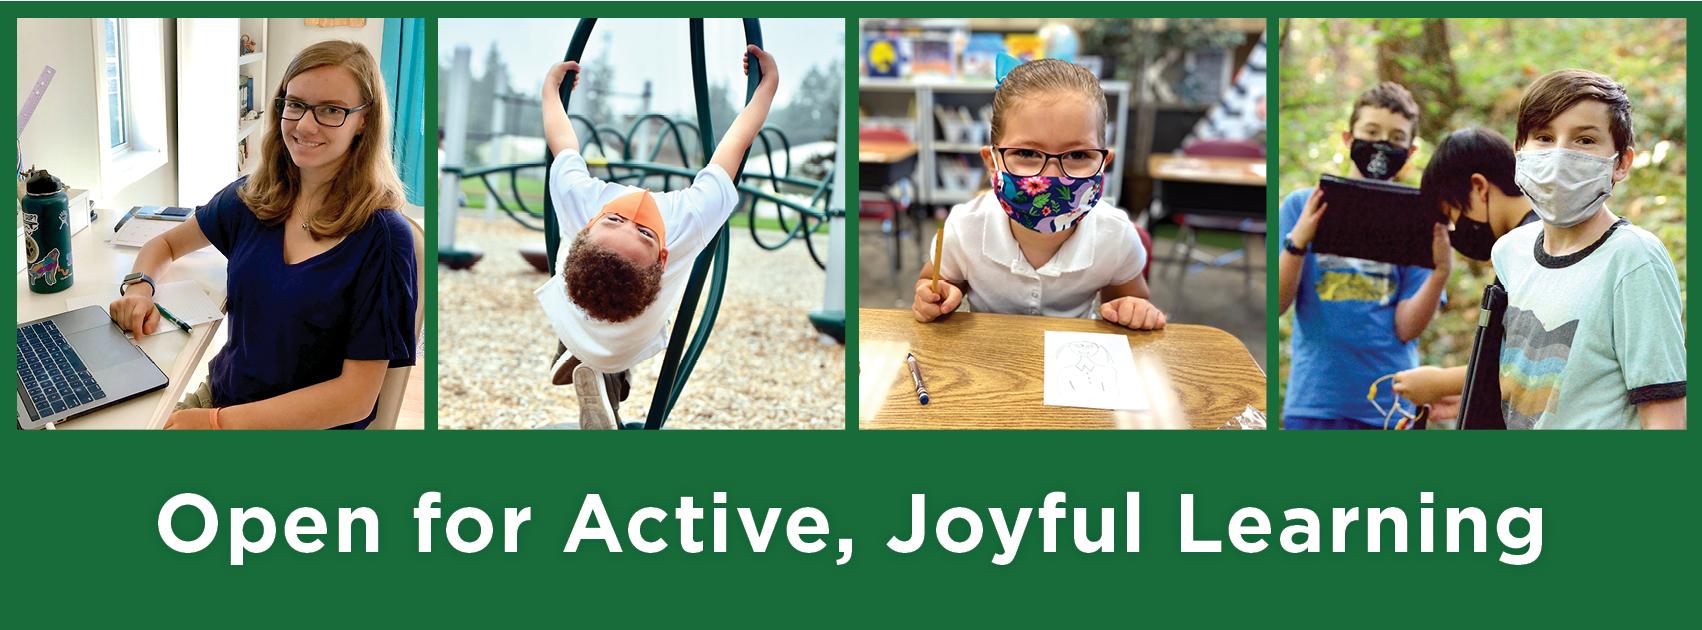 Open for Active, Joyful Learning banner